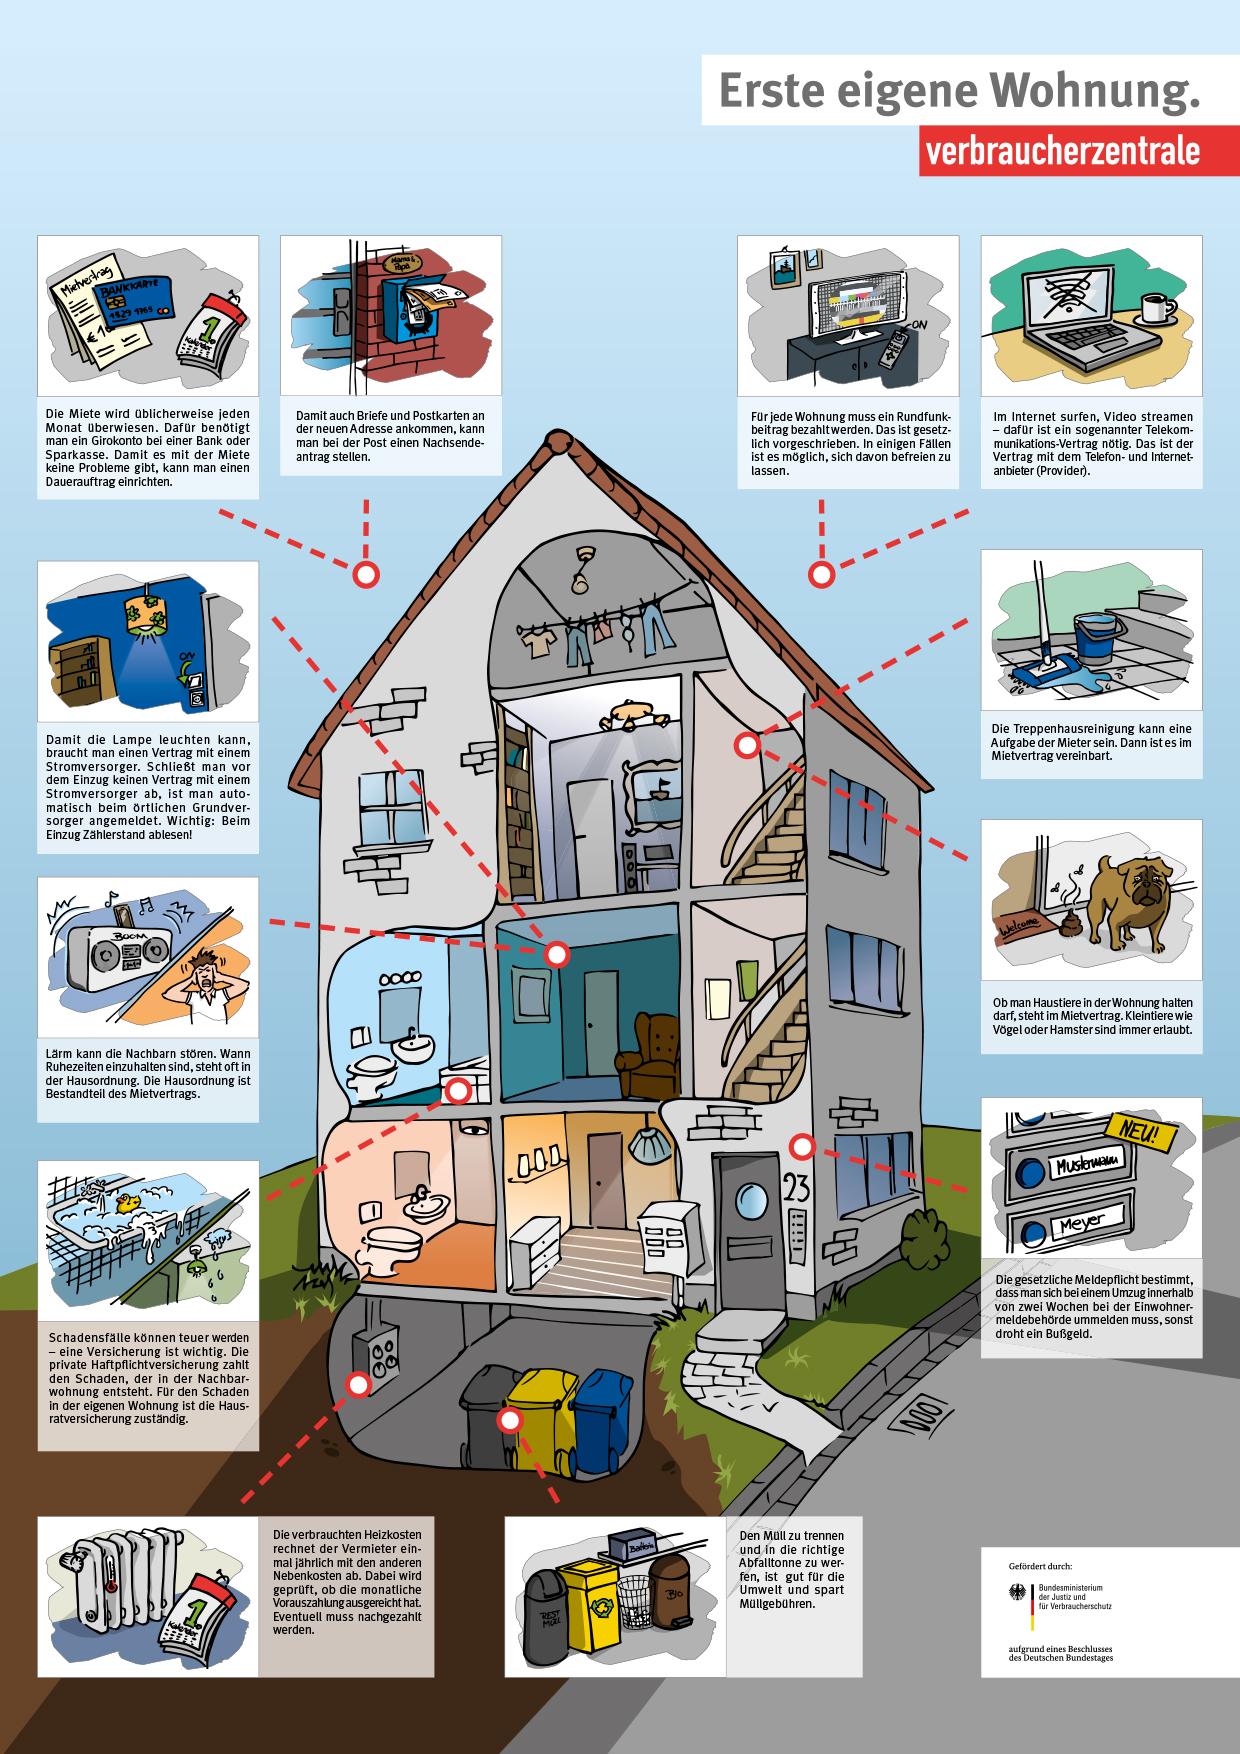 Die Erste Eigene Wohnung Verbraucherzentralede